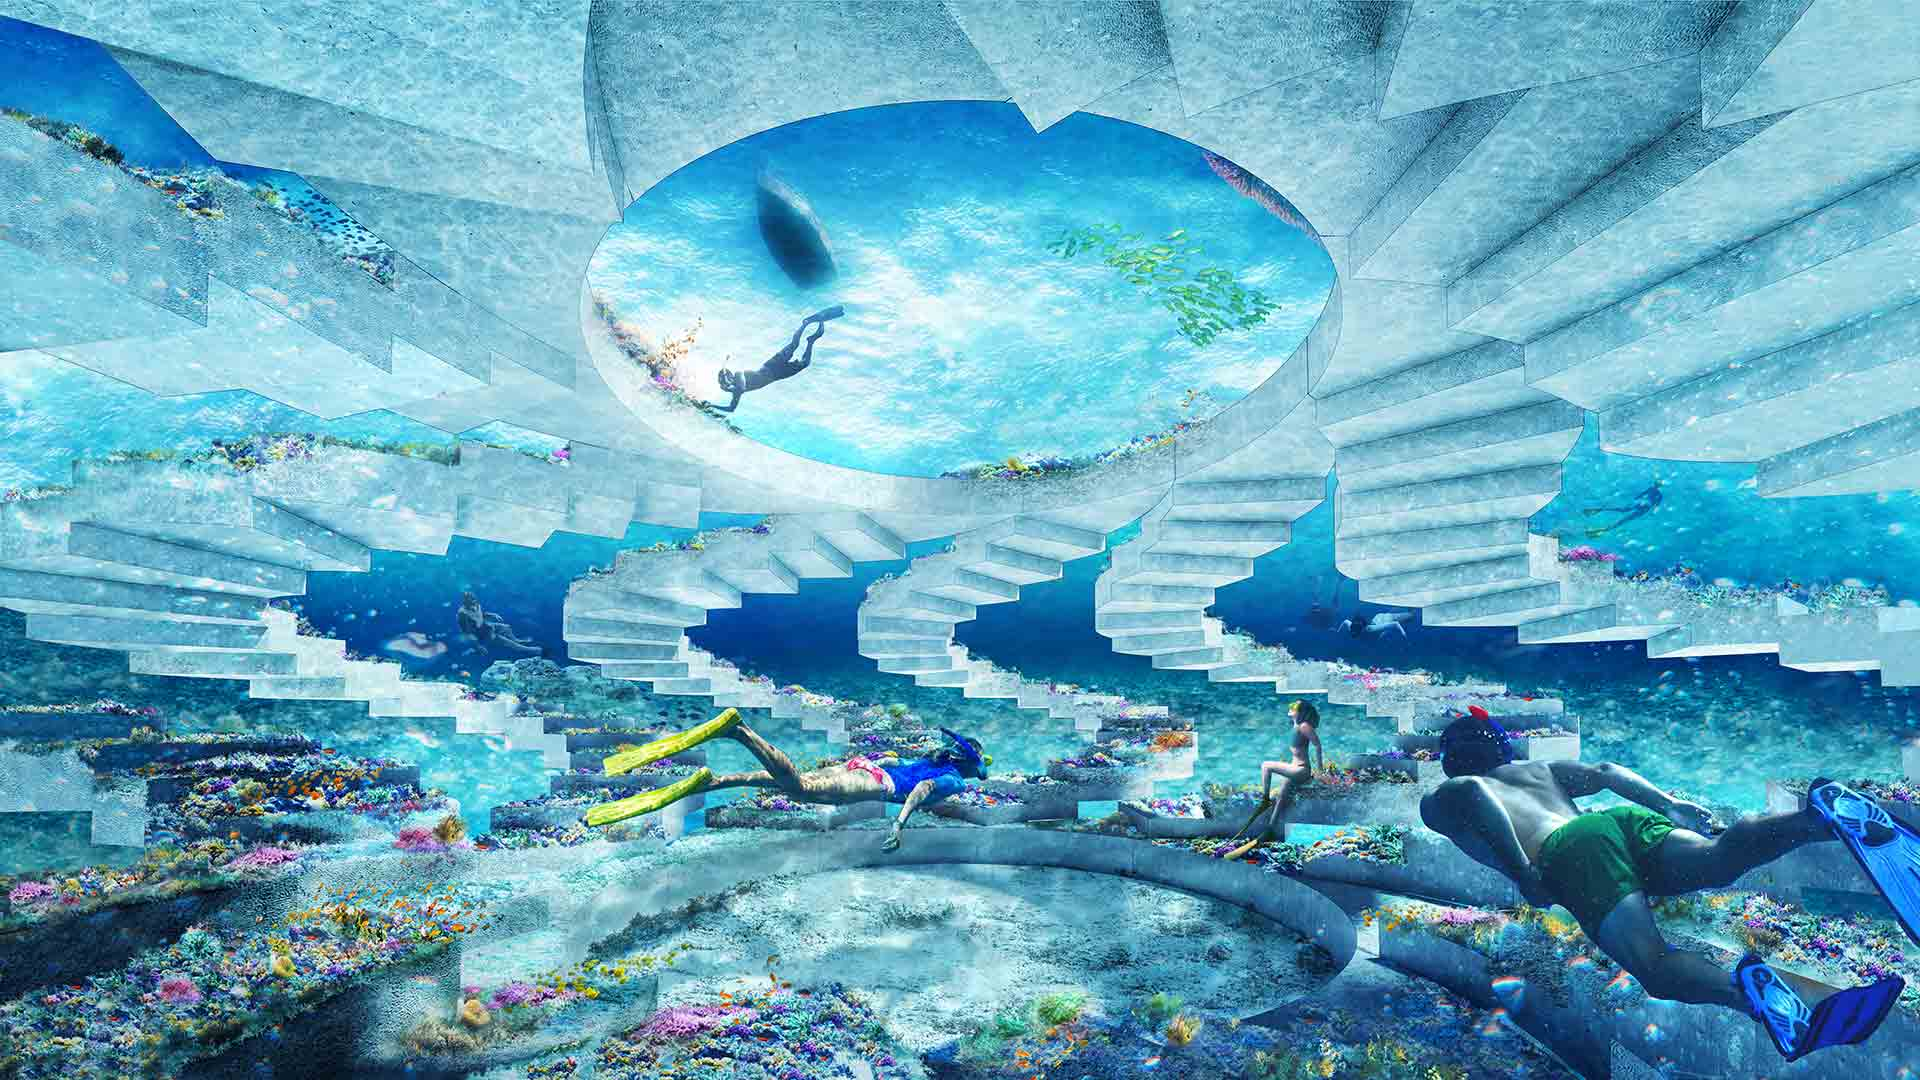 Khám phá công viên san hô điêu khắc dài hơn 11km sắp mở cửa ở vùng biển Miami - Ảnh 5.